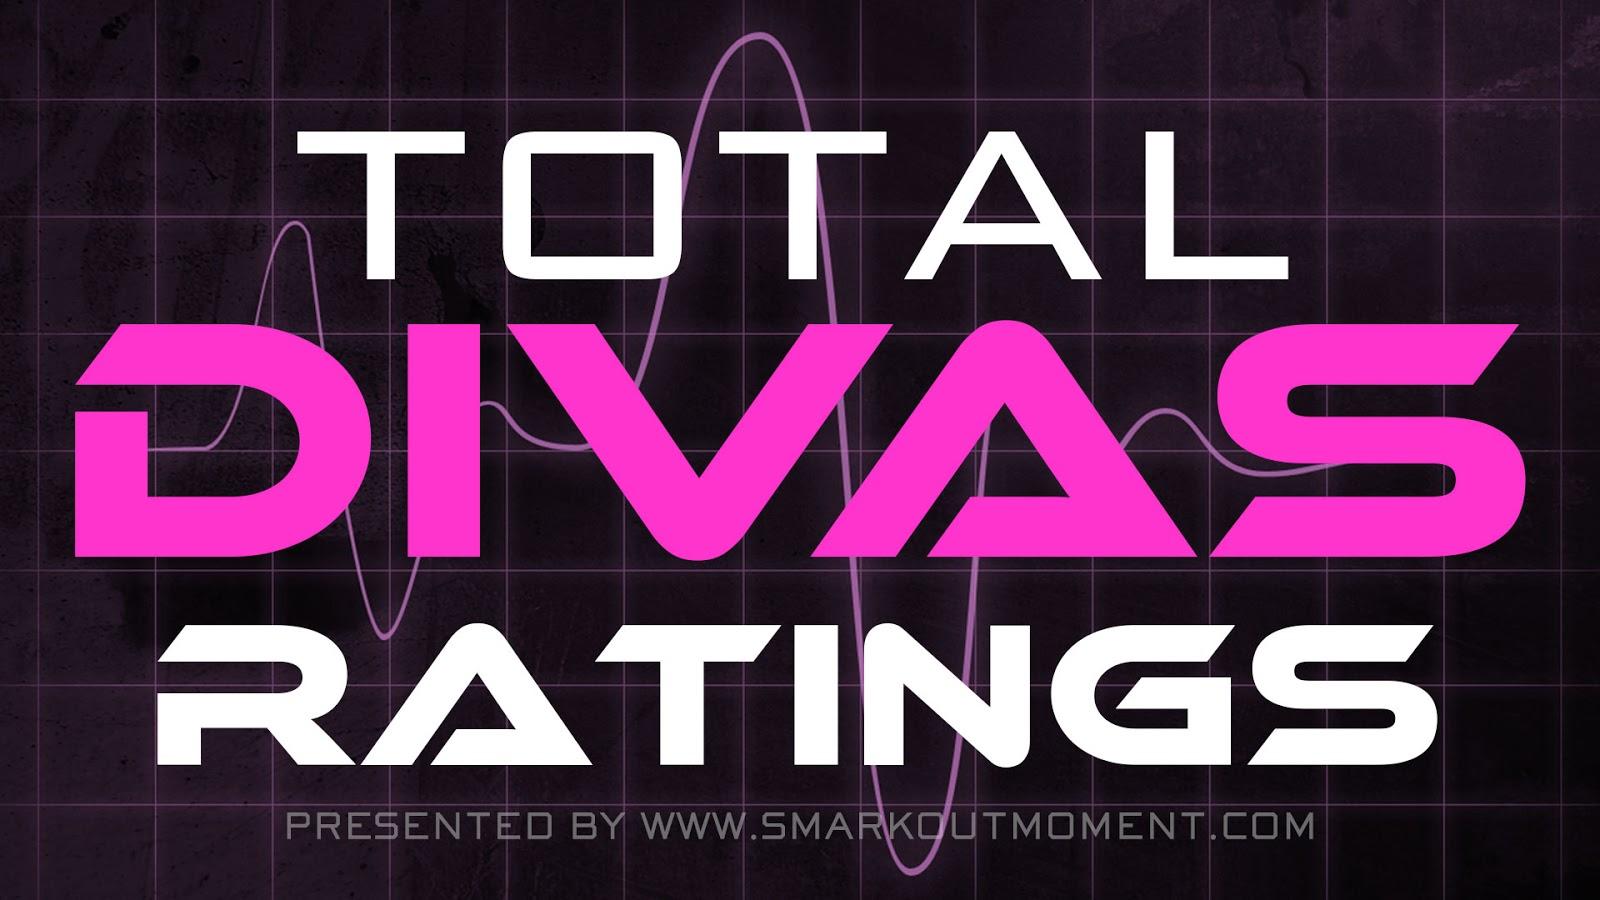 WWE Total Divas TV ratings